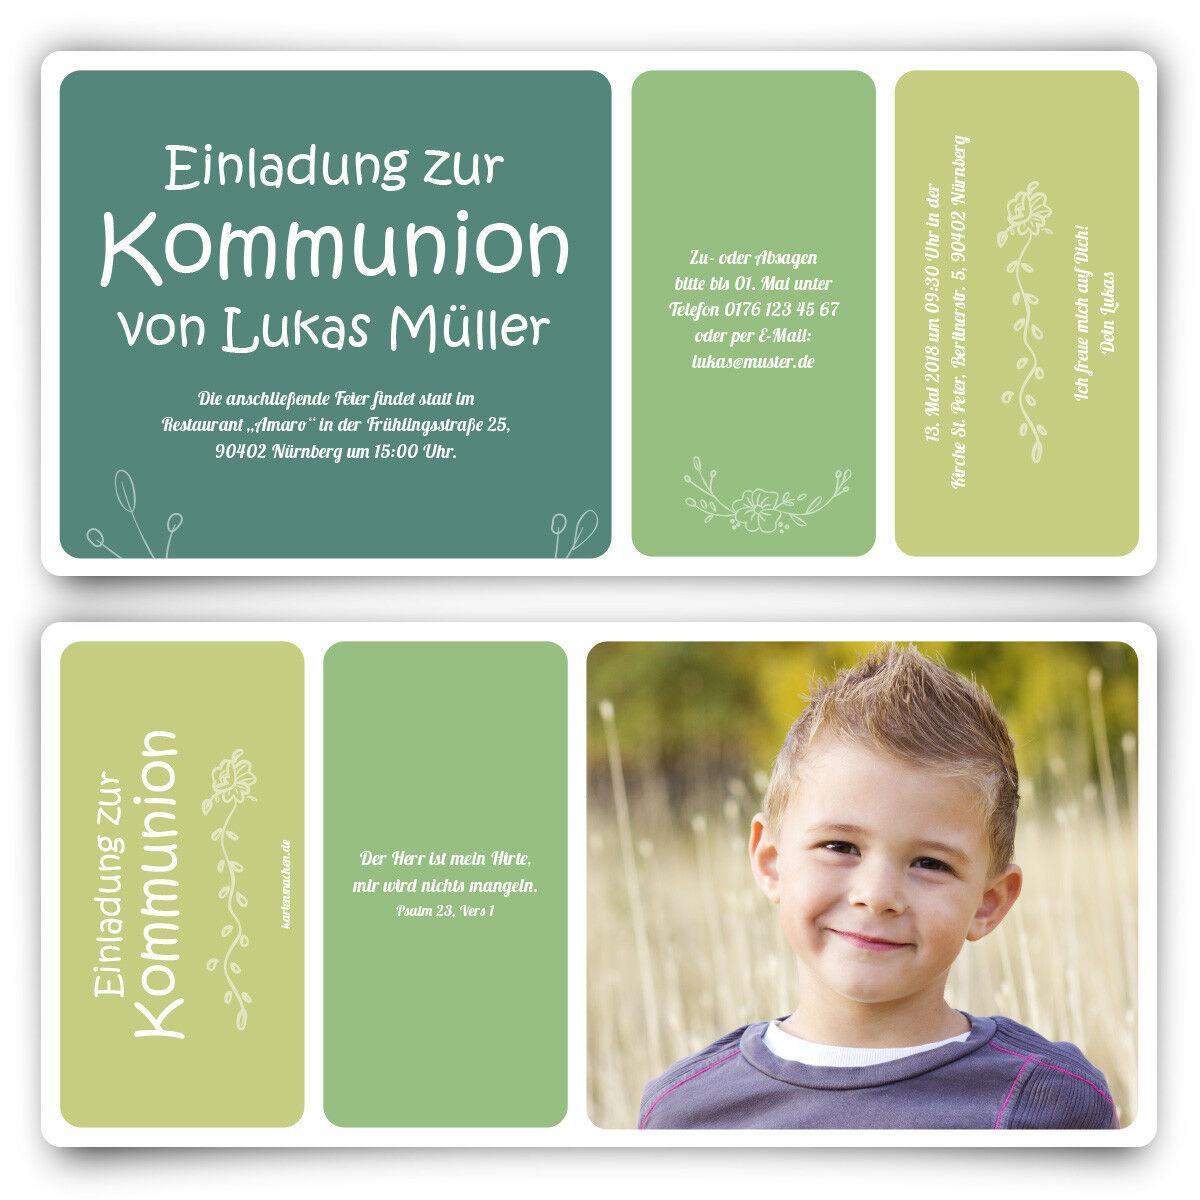 Kommunion Einladungskarten Kommunionskarten Einladungen - Blaumenabriss